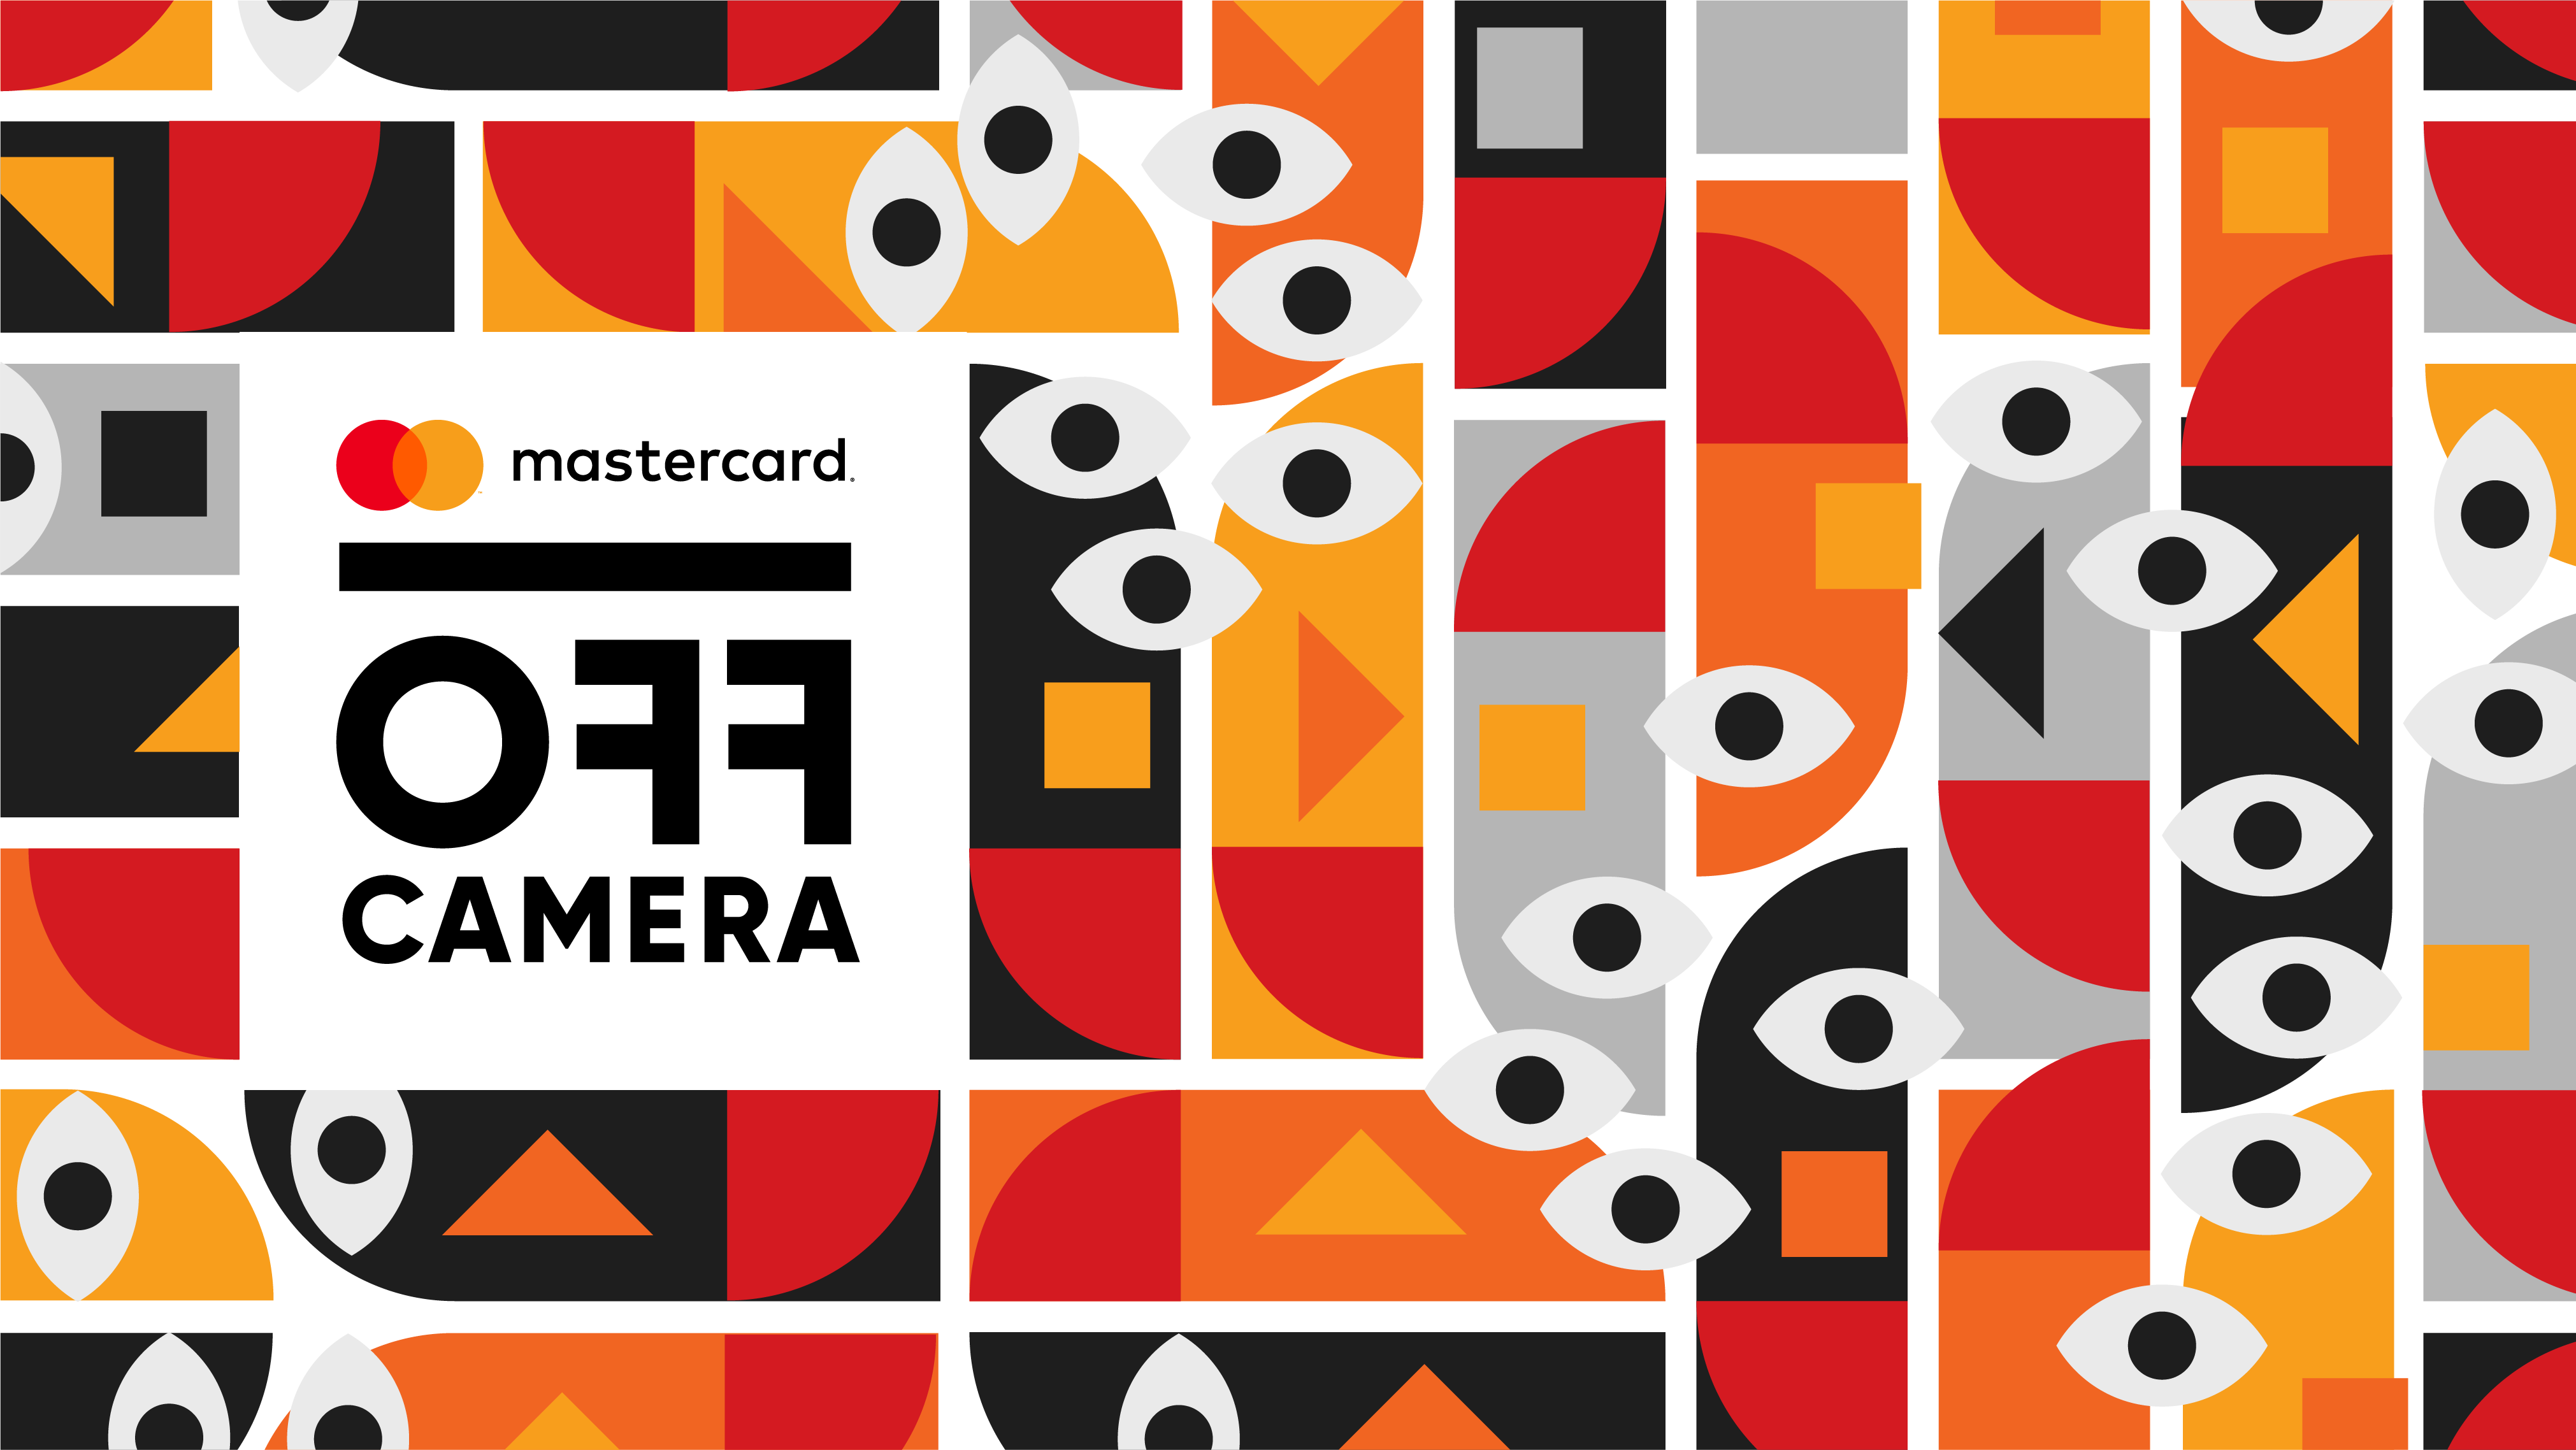 Festiwal Filmowy Mastercard Off Camera